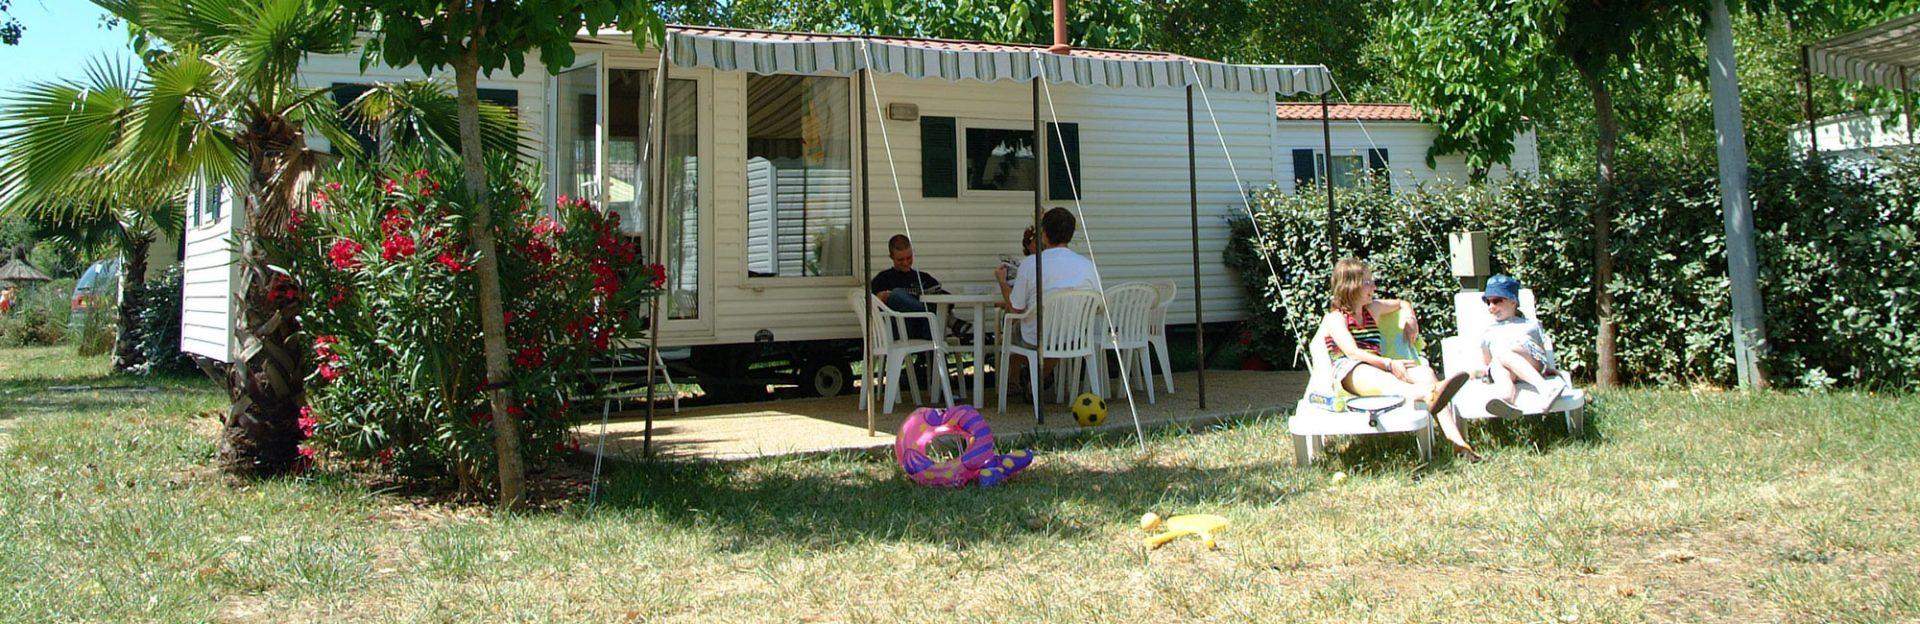 Camping L'air Marin : Tampico Principale Diapo